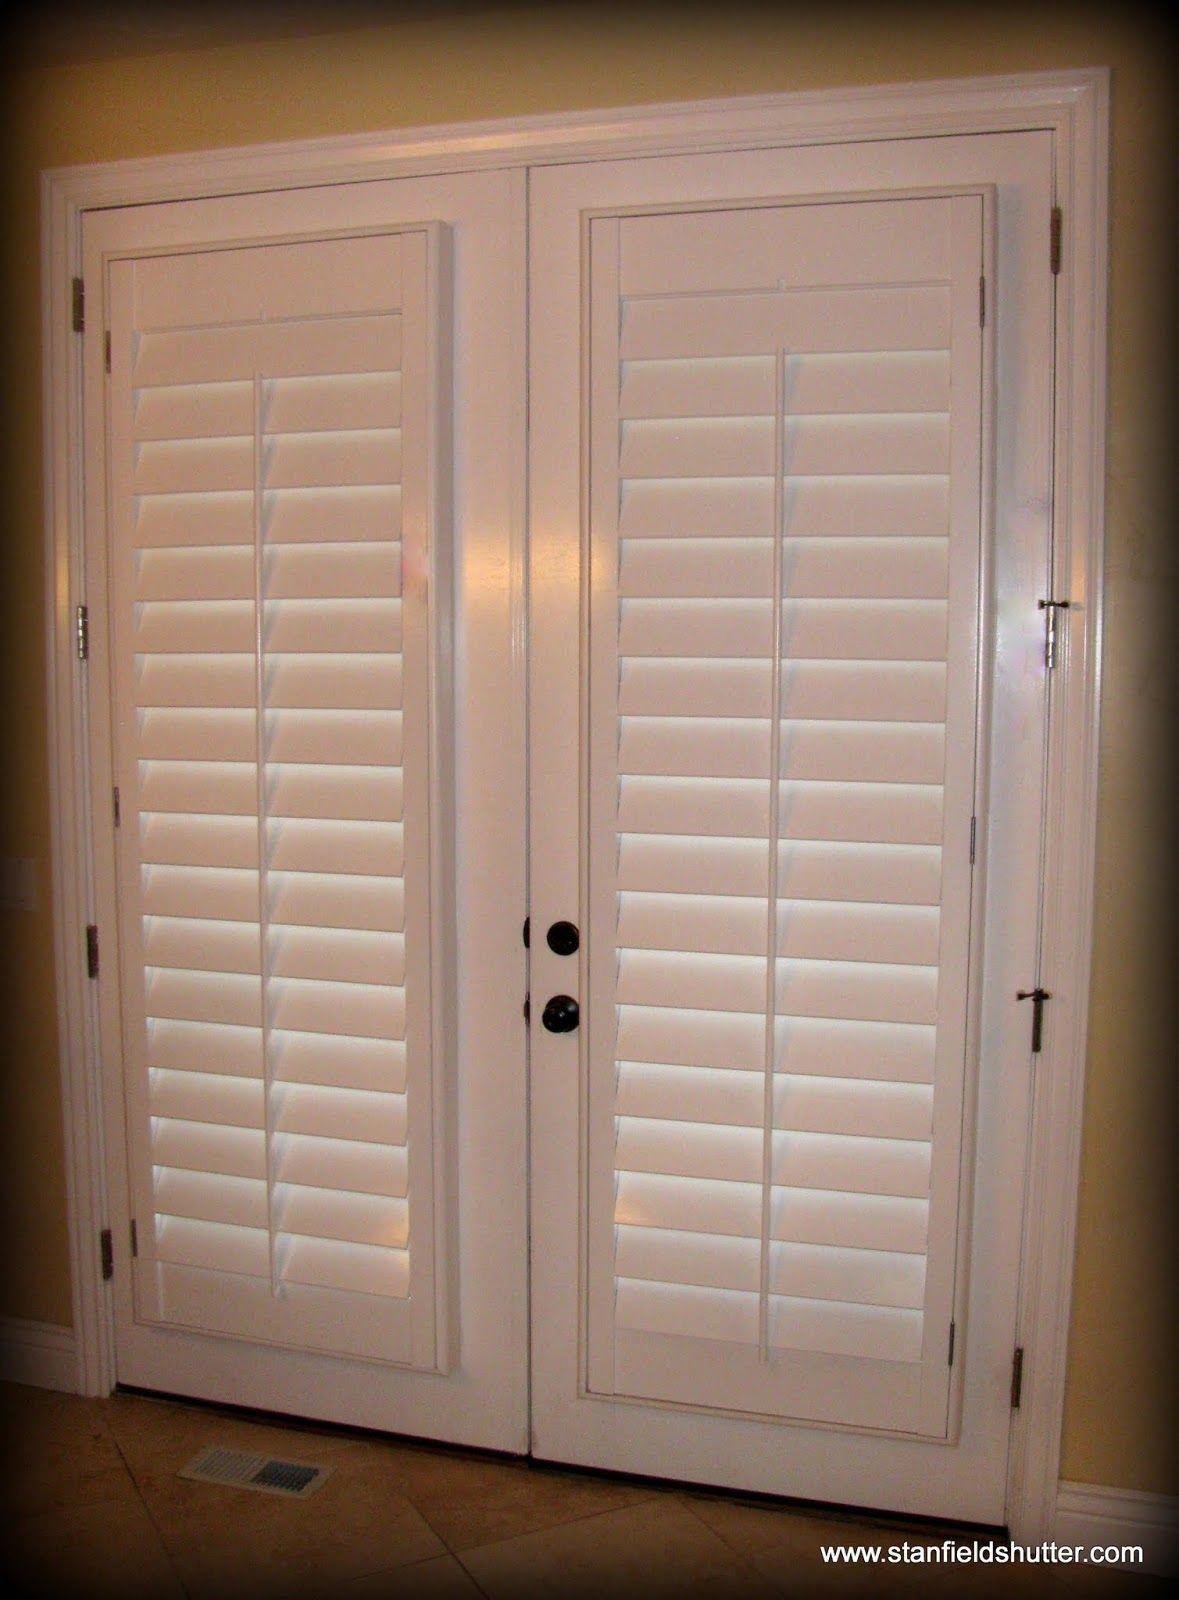 Glazed doors doors online decorating french doors